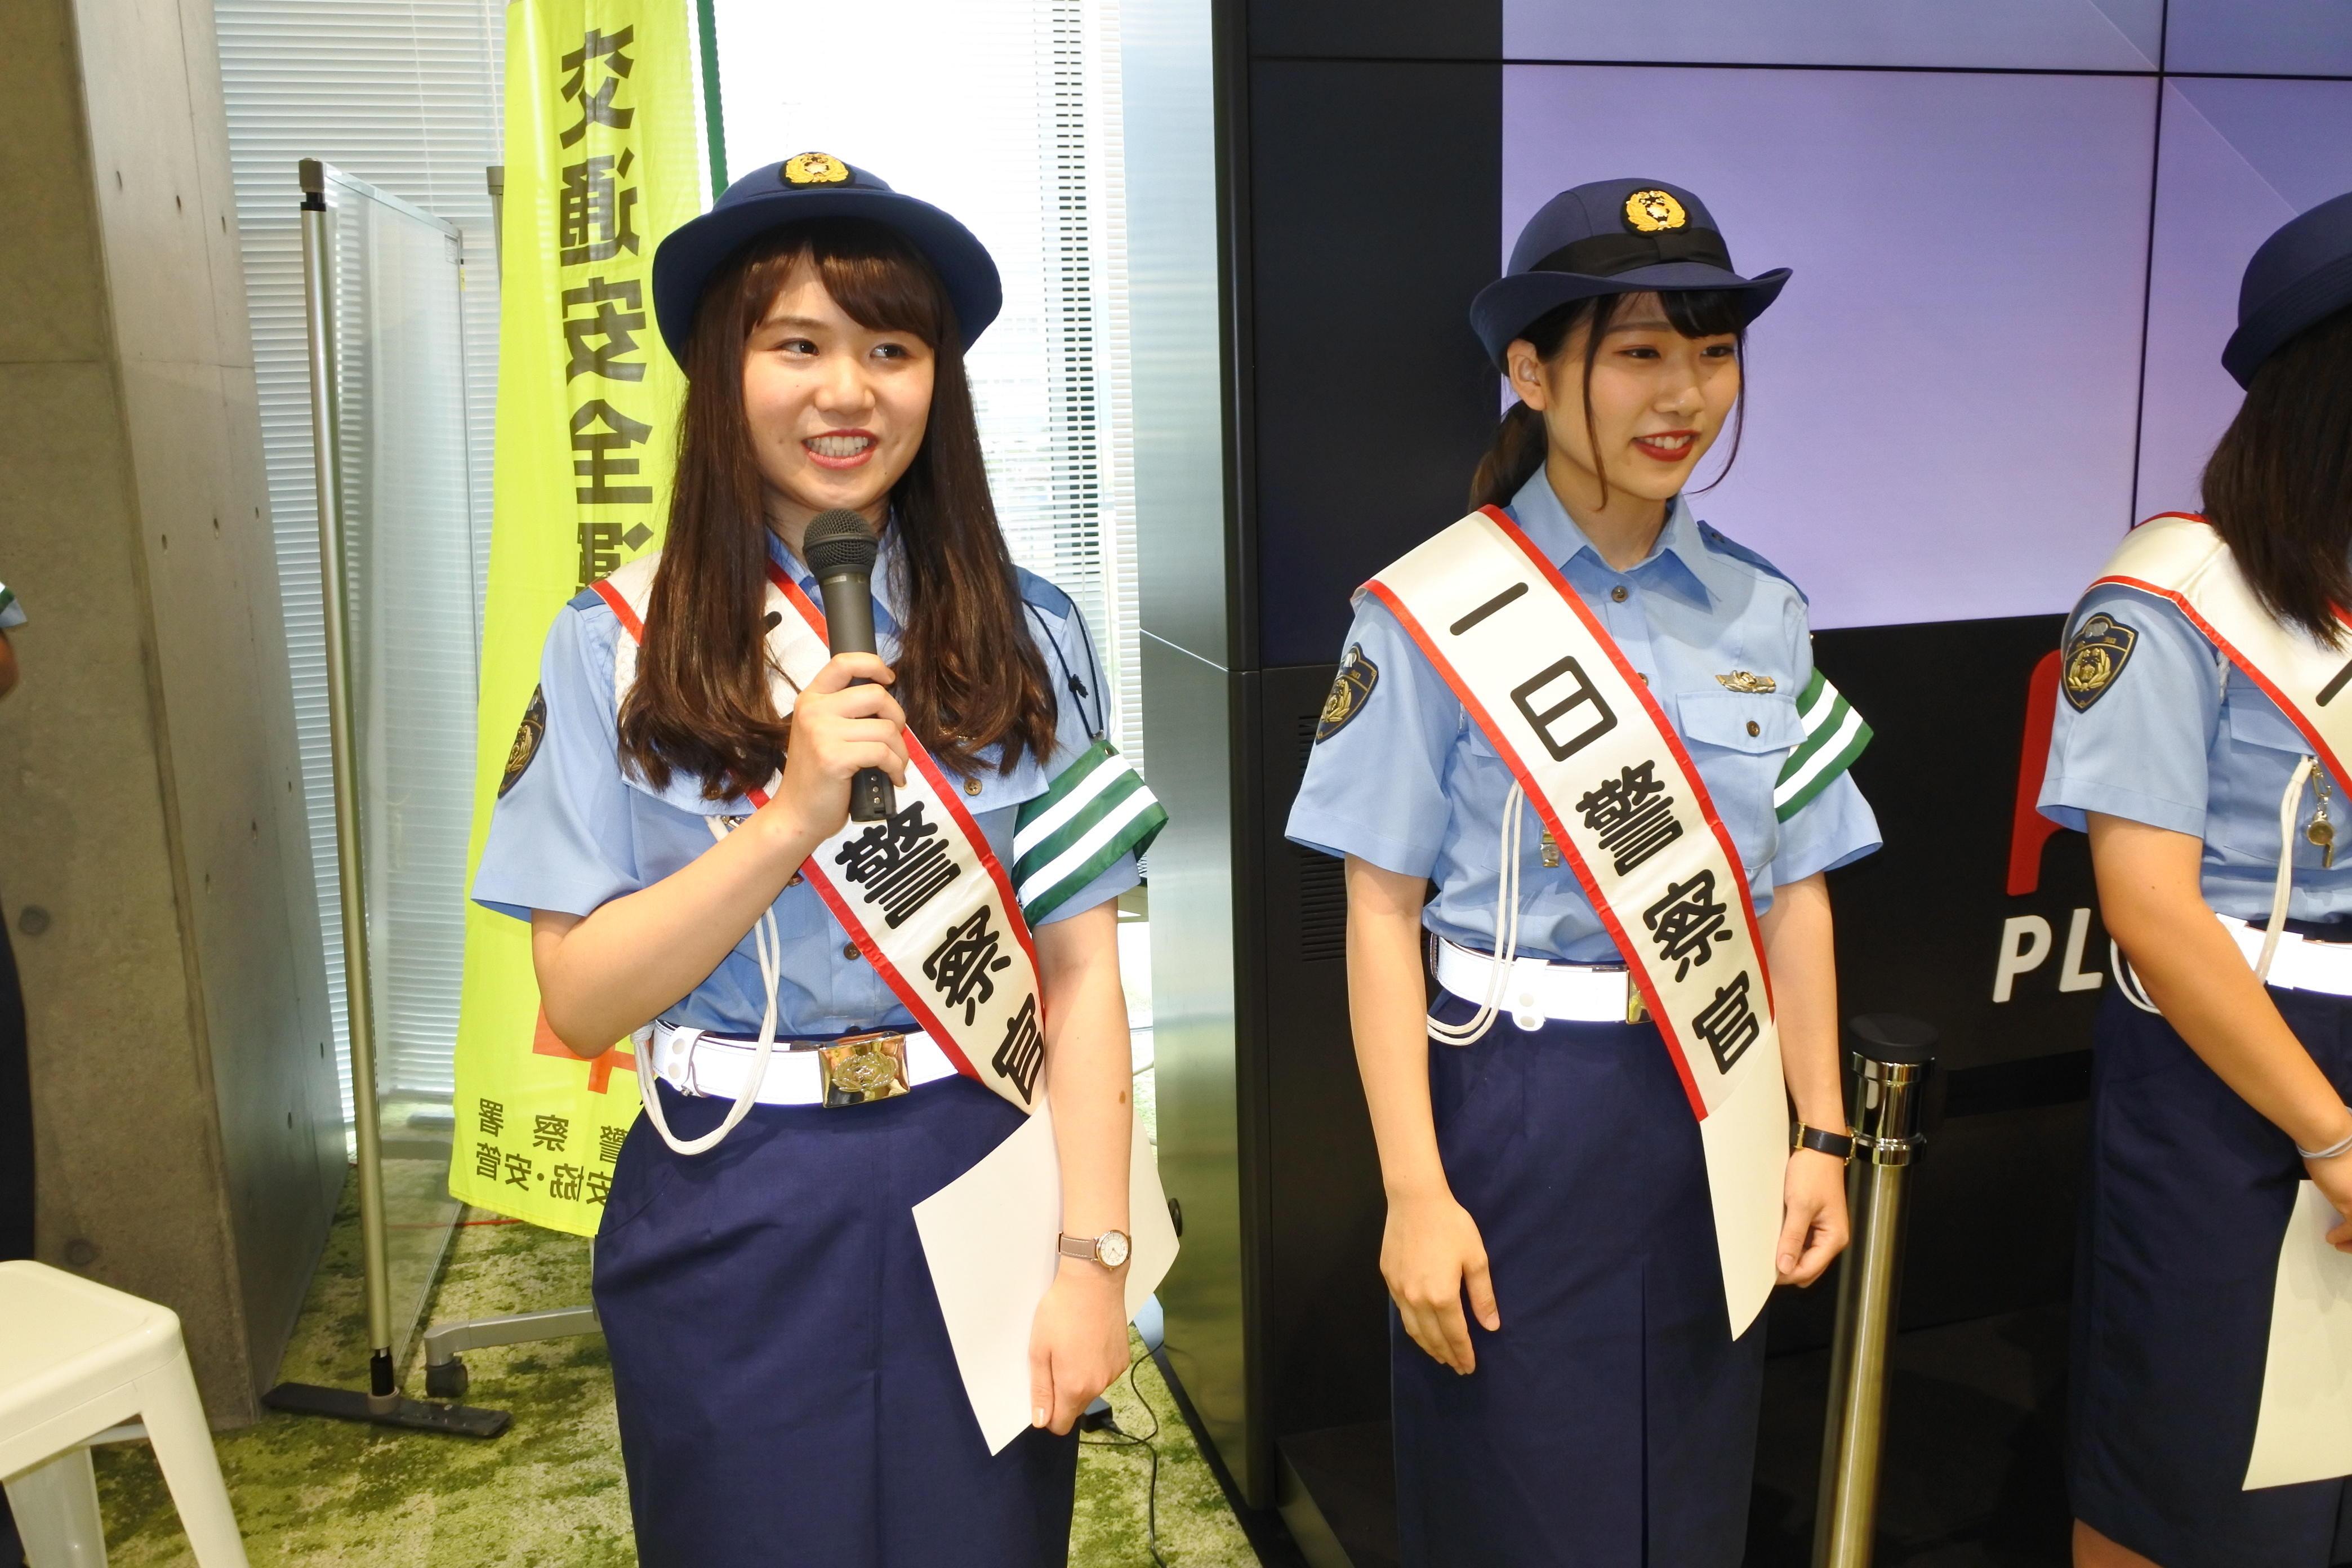 交通安全広報メッセージを述べる田中さん(左)と菅さん